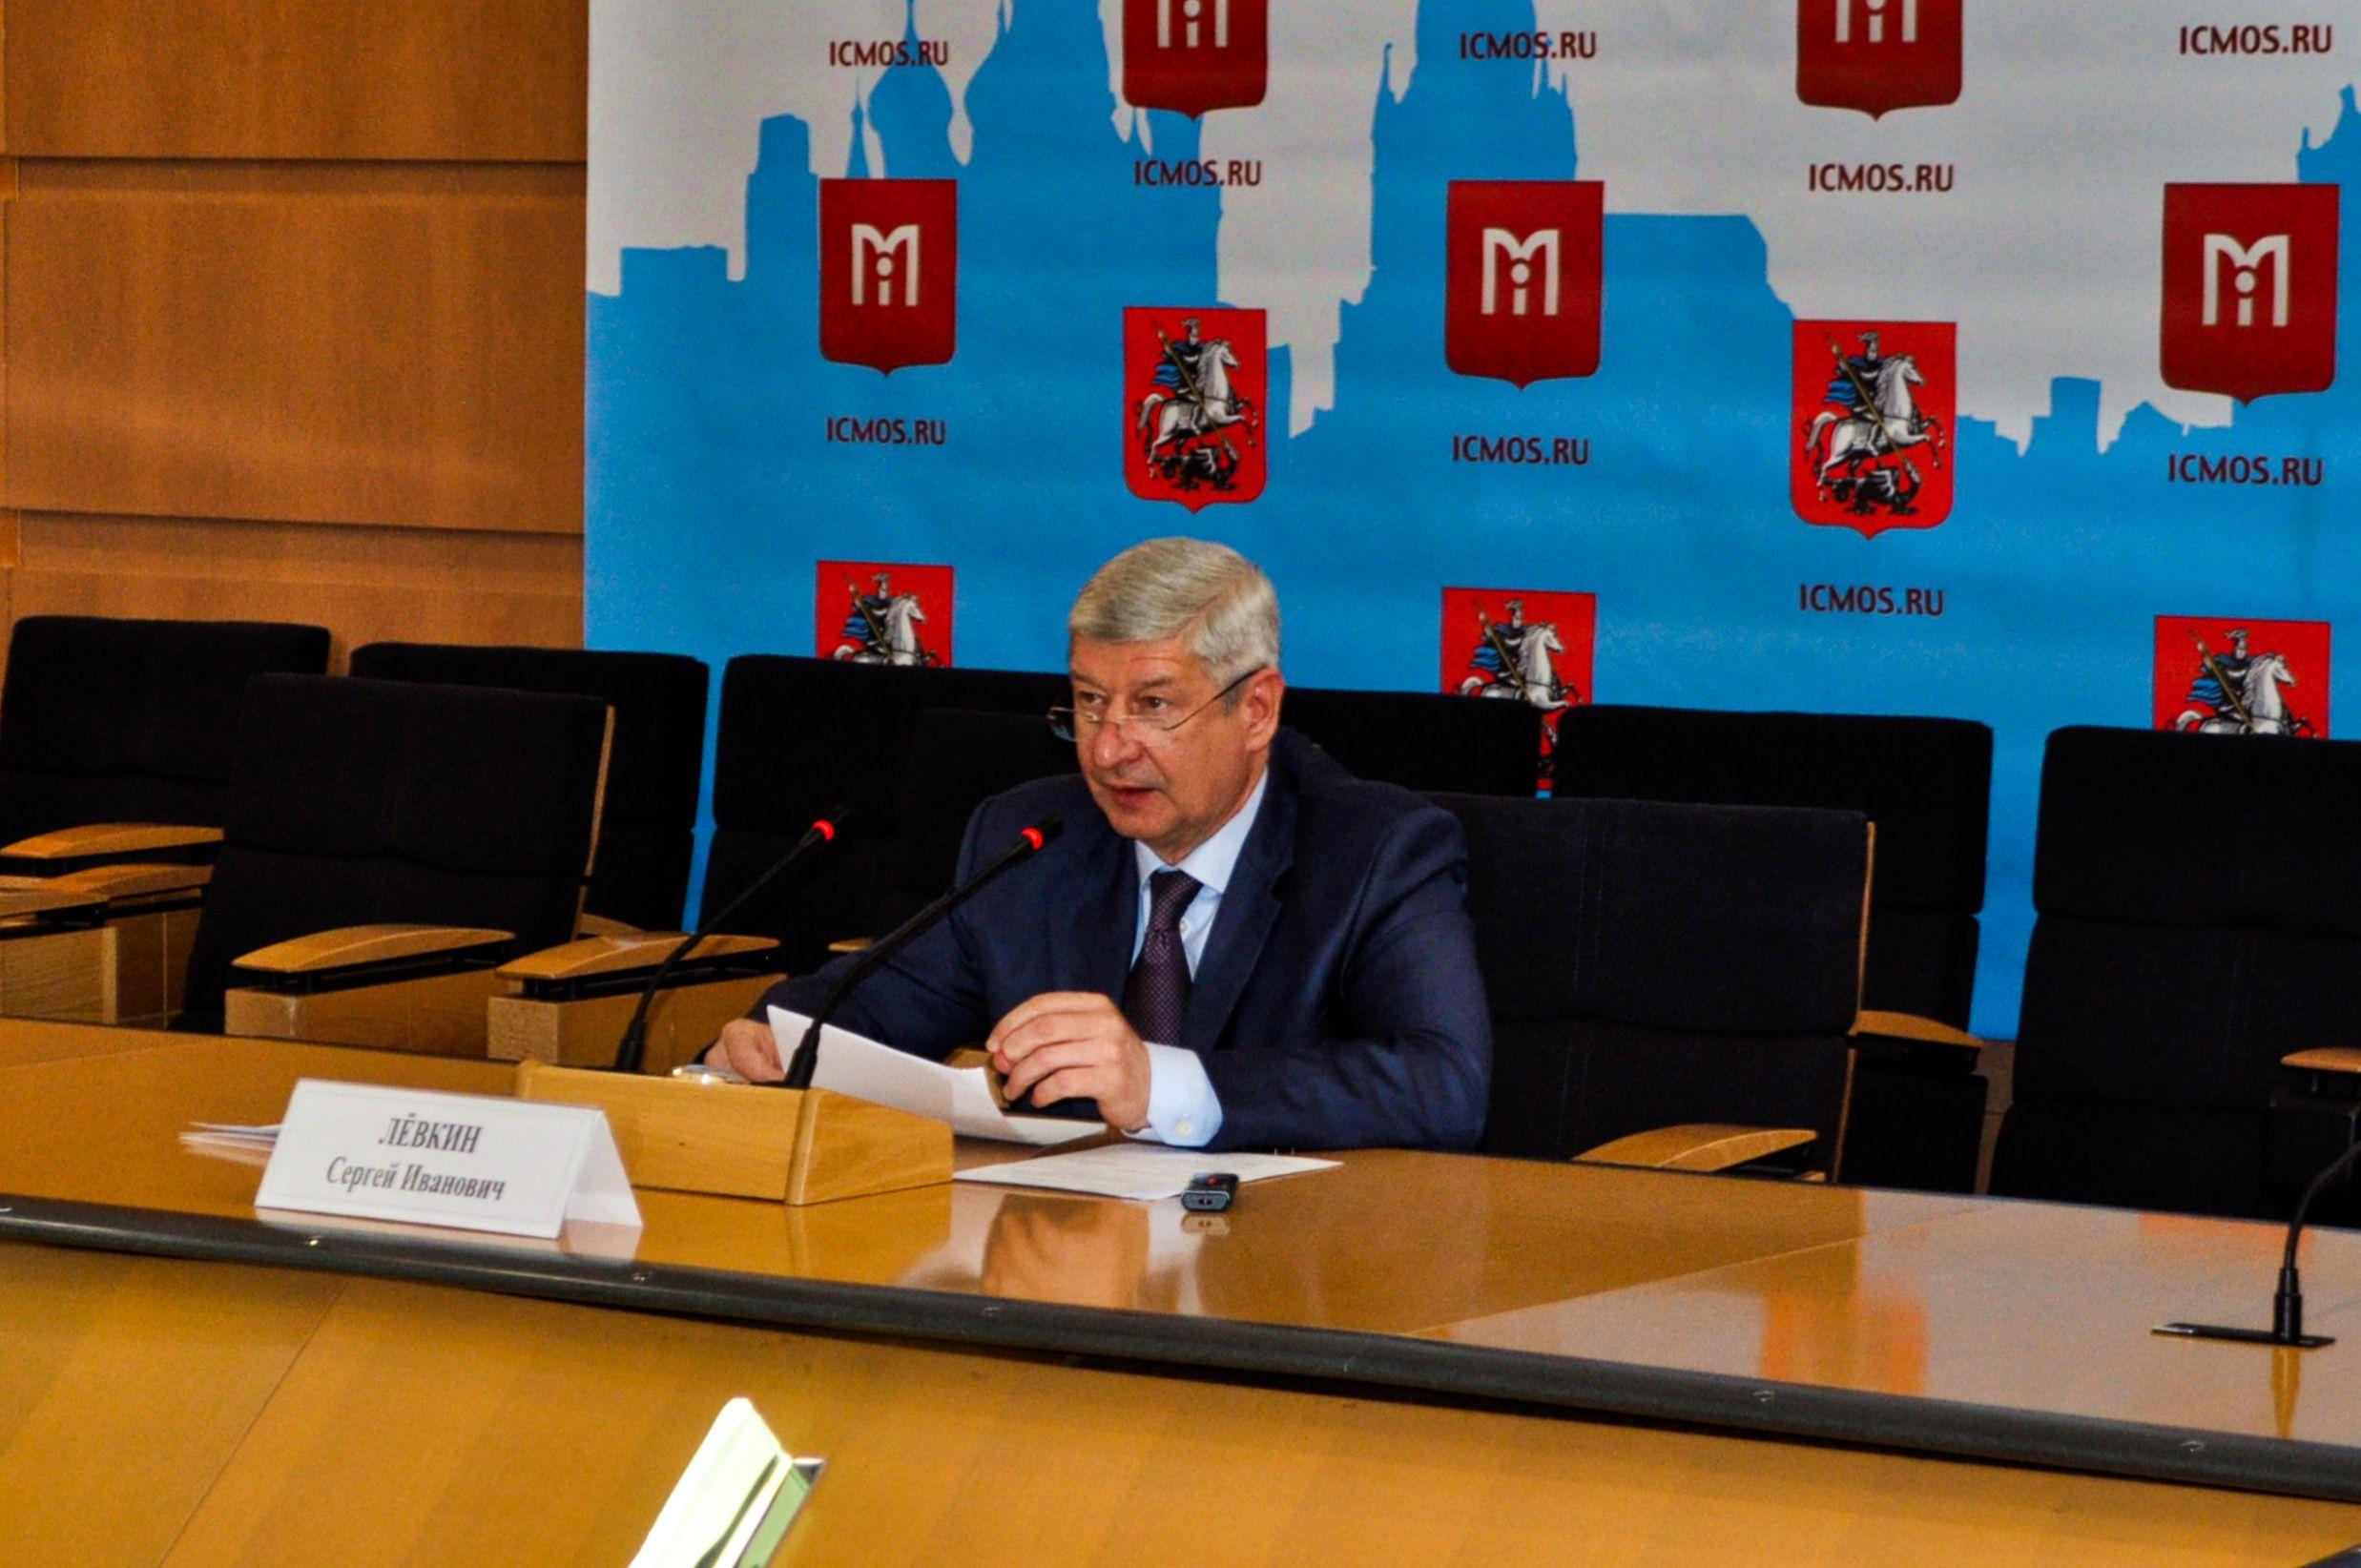 Промежуточные итоги программы развития территории Москвы озвучили на пресс-конференции. Фото: Никита Нестеров